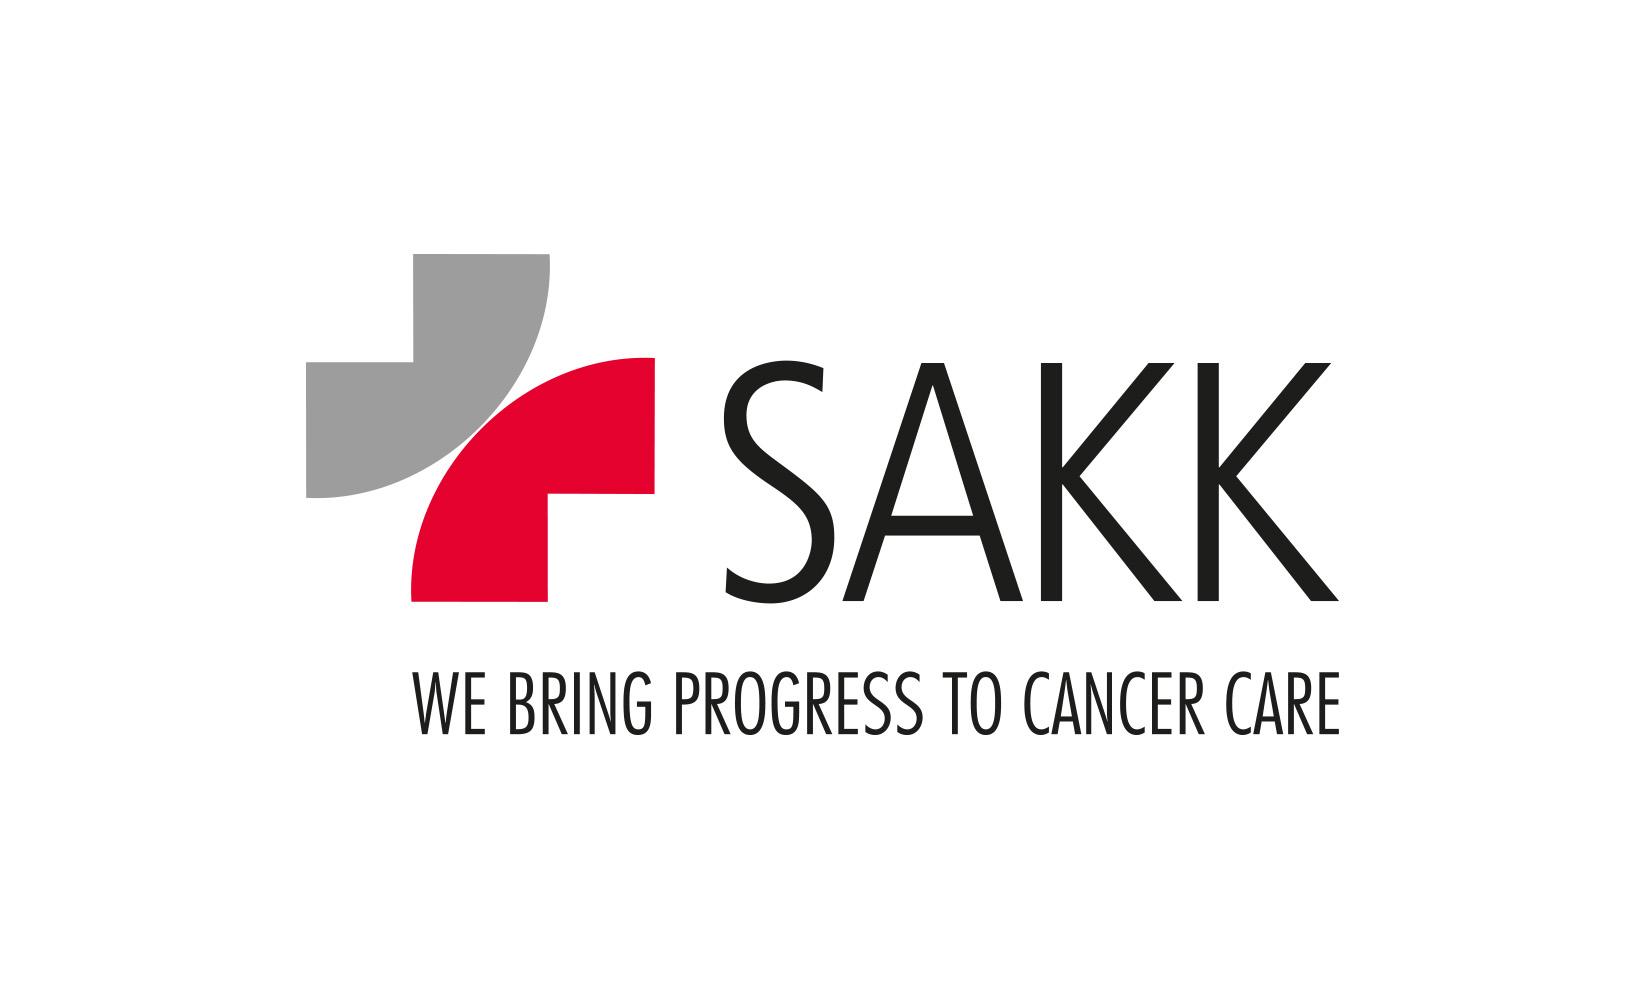 Schweizerische Arbeitsgemeinschaft für Klinische Krebsforschung SAKK